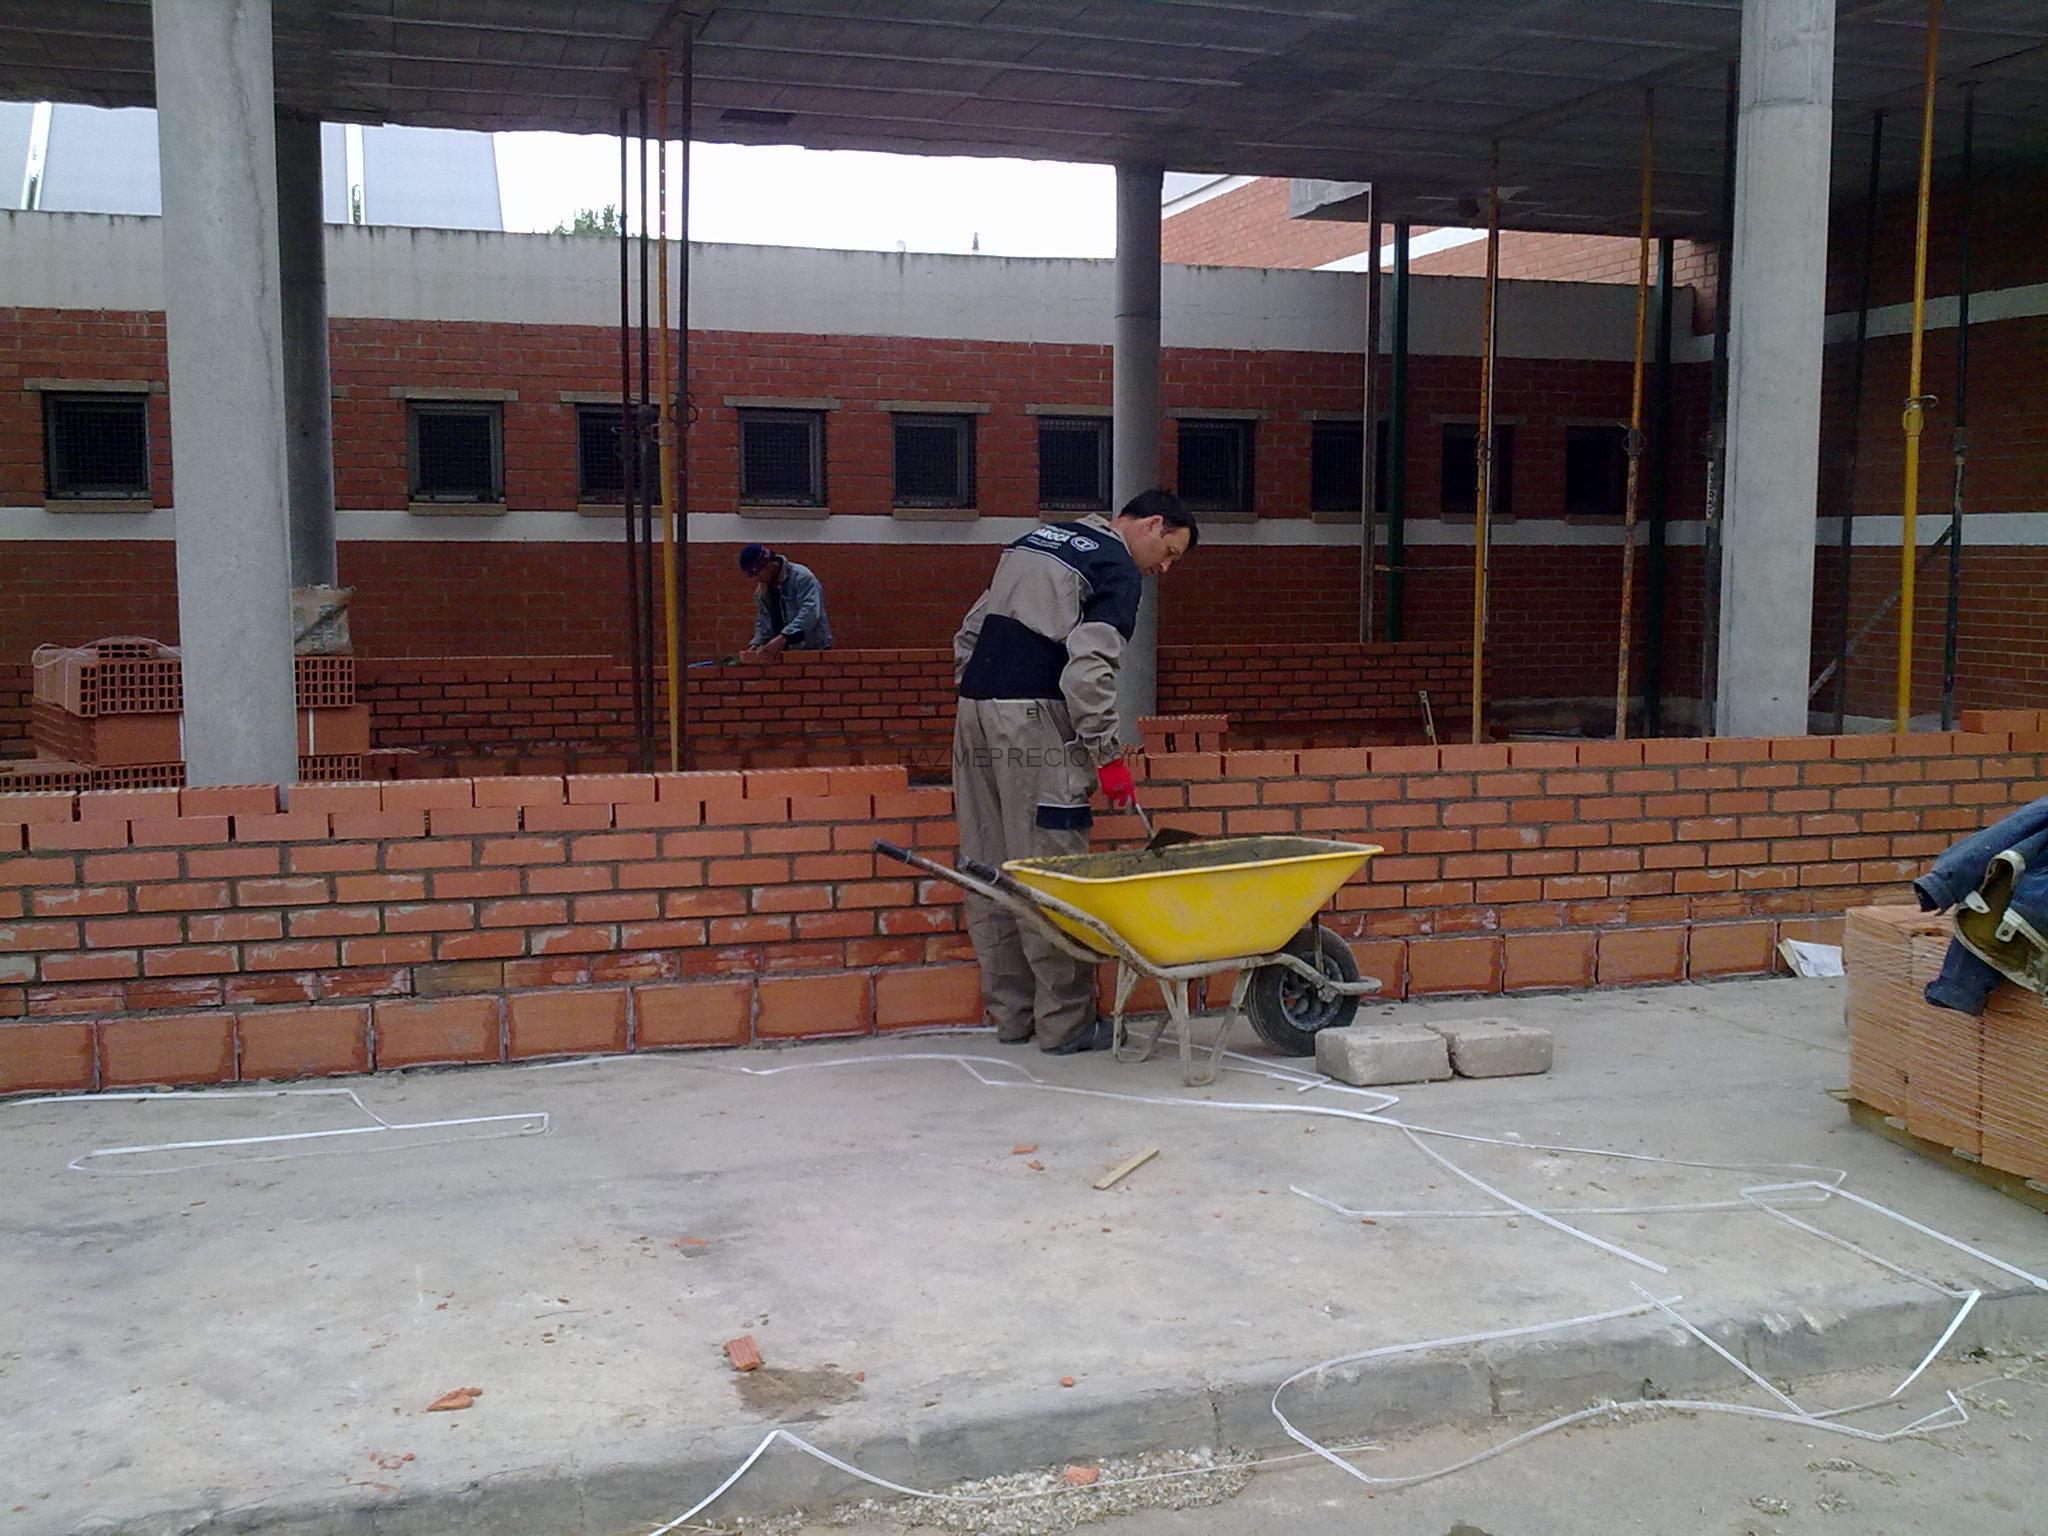 Presupuesto para colocar suelo laminado gris ac4 o ac5 en - Colocar suelo laminado ...